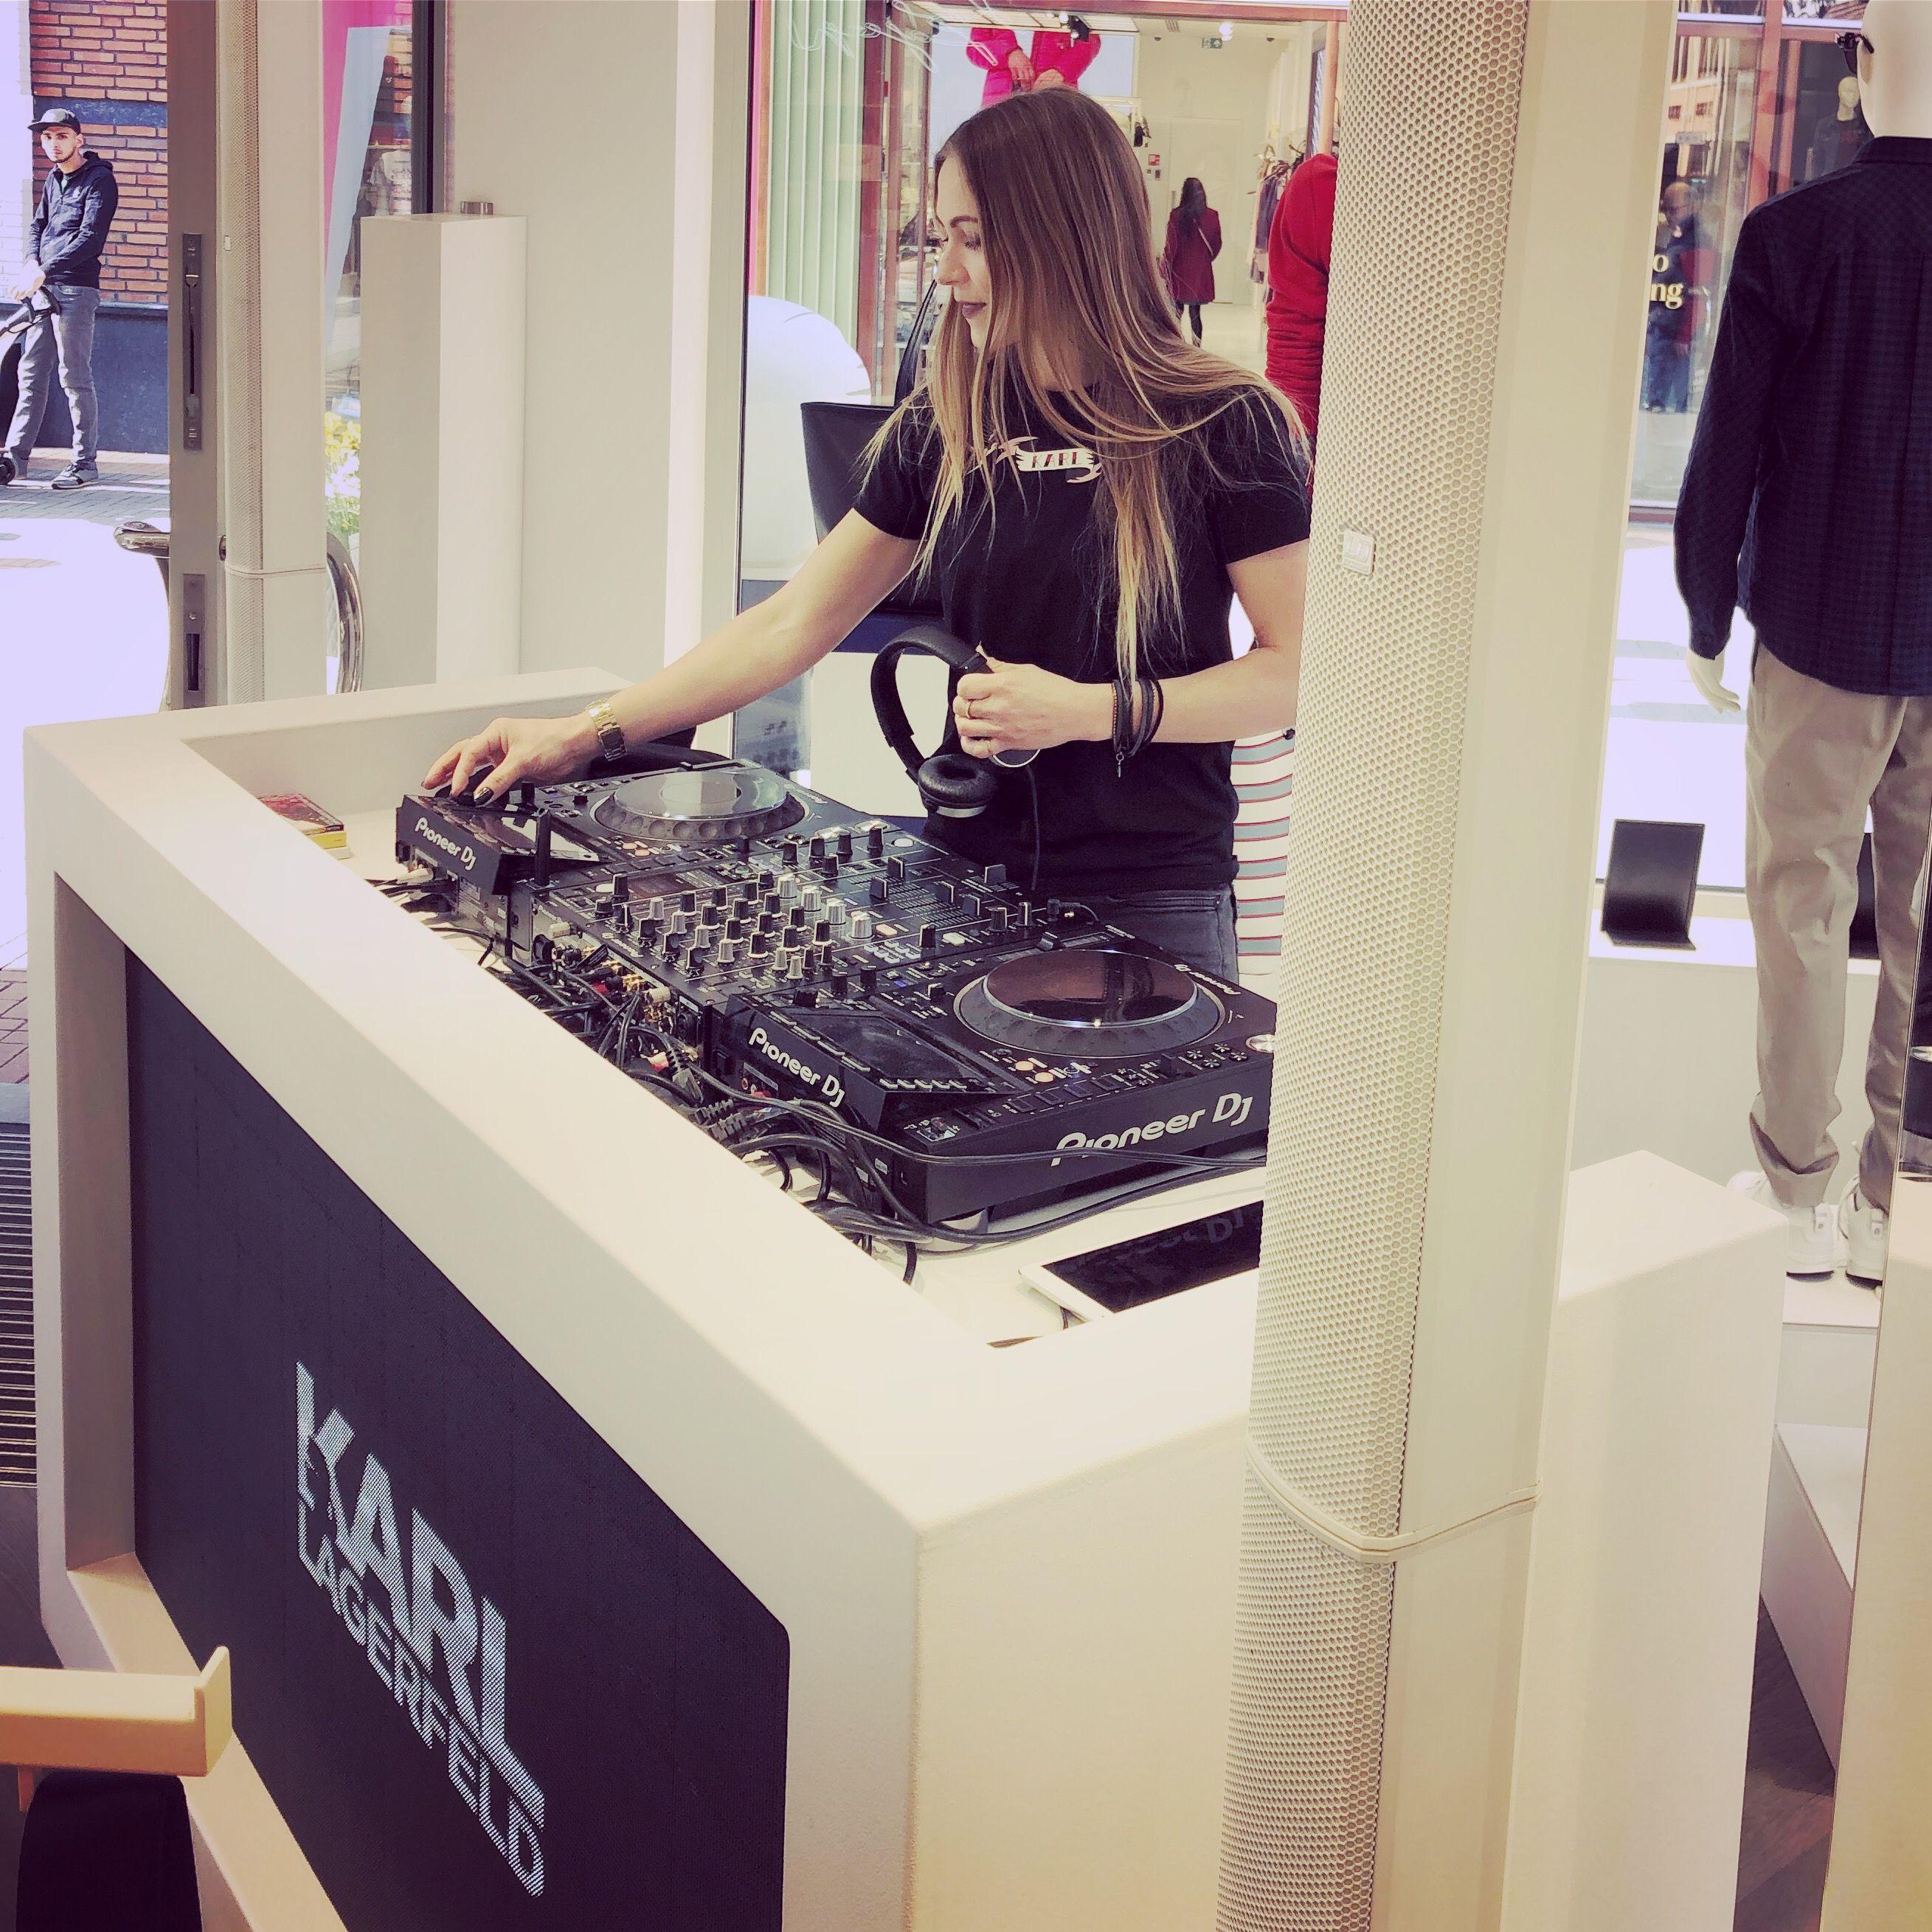 Karl Lagerfeld, Fashion Event, Mira Falkenstein, DJ, DJane